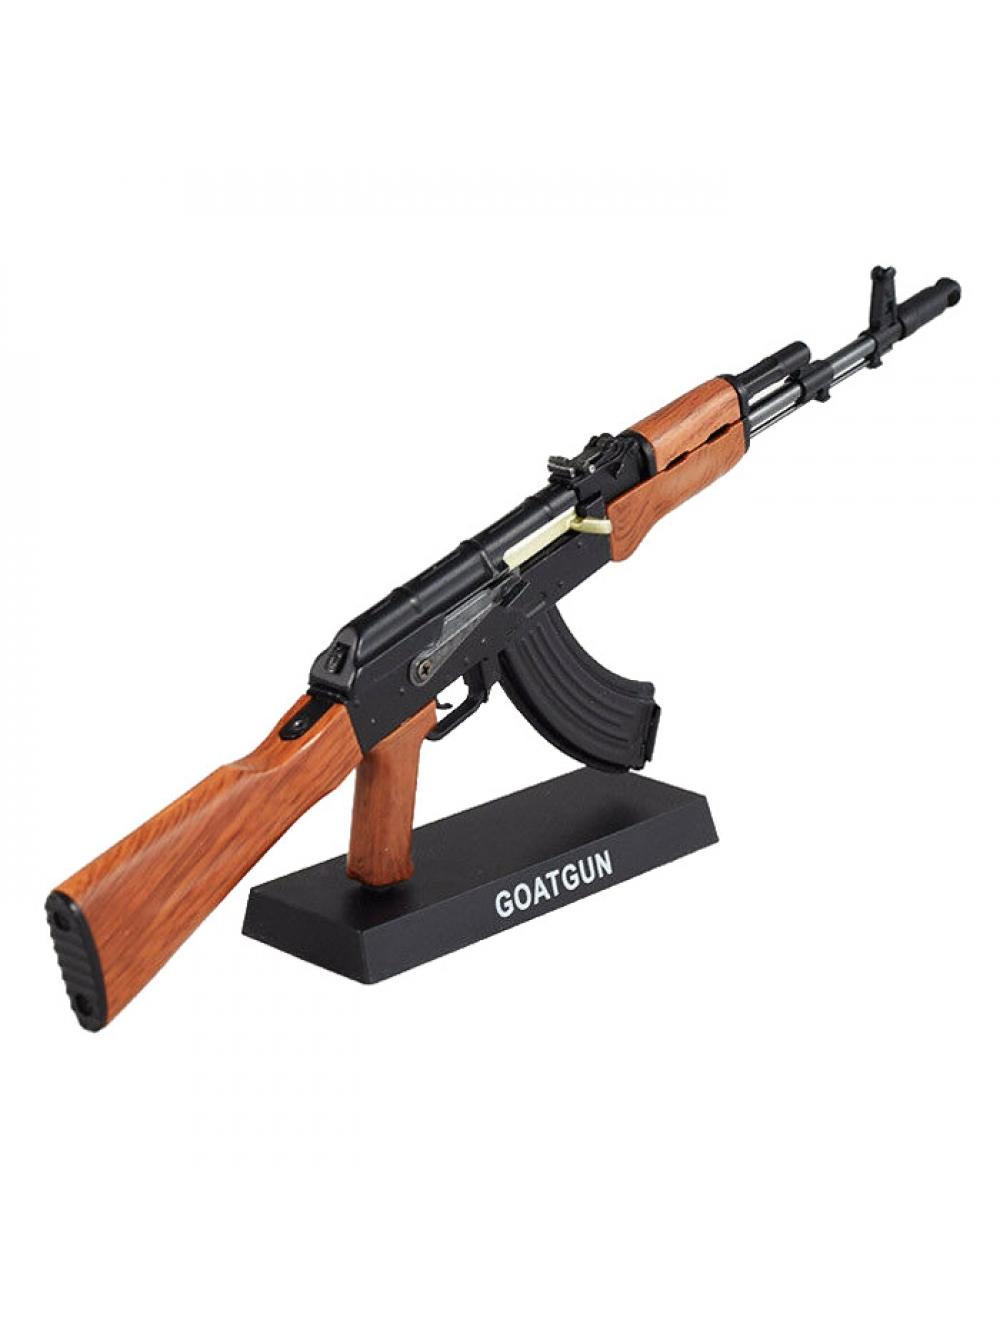 ak47 model toy gun - HD1000×1340